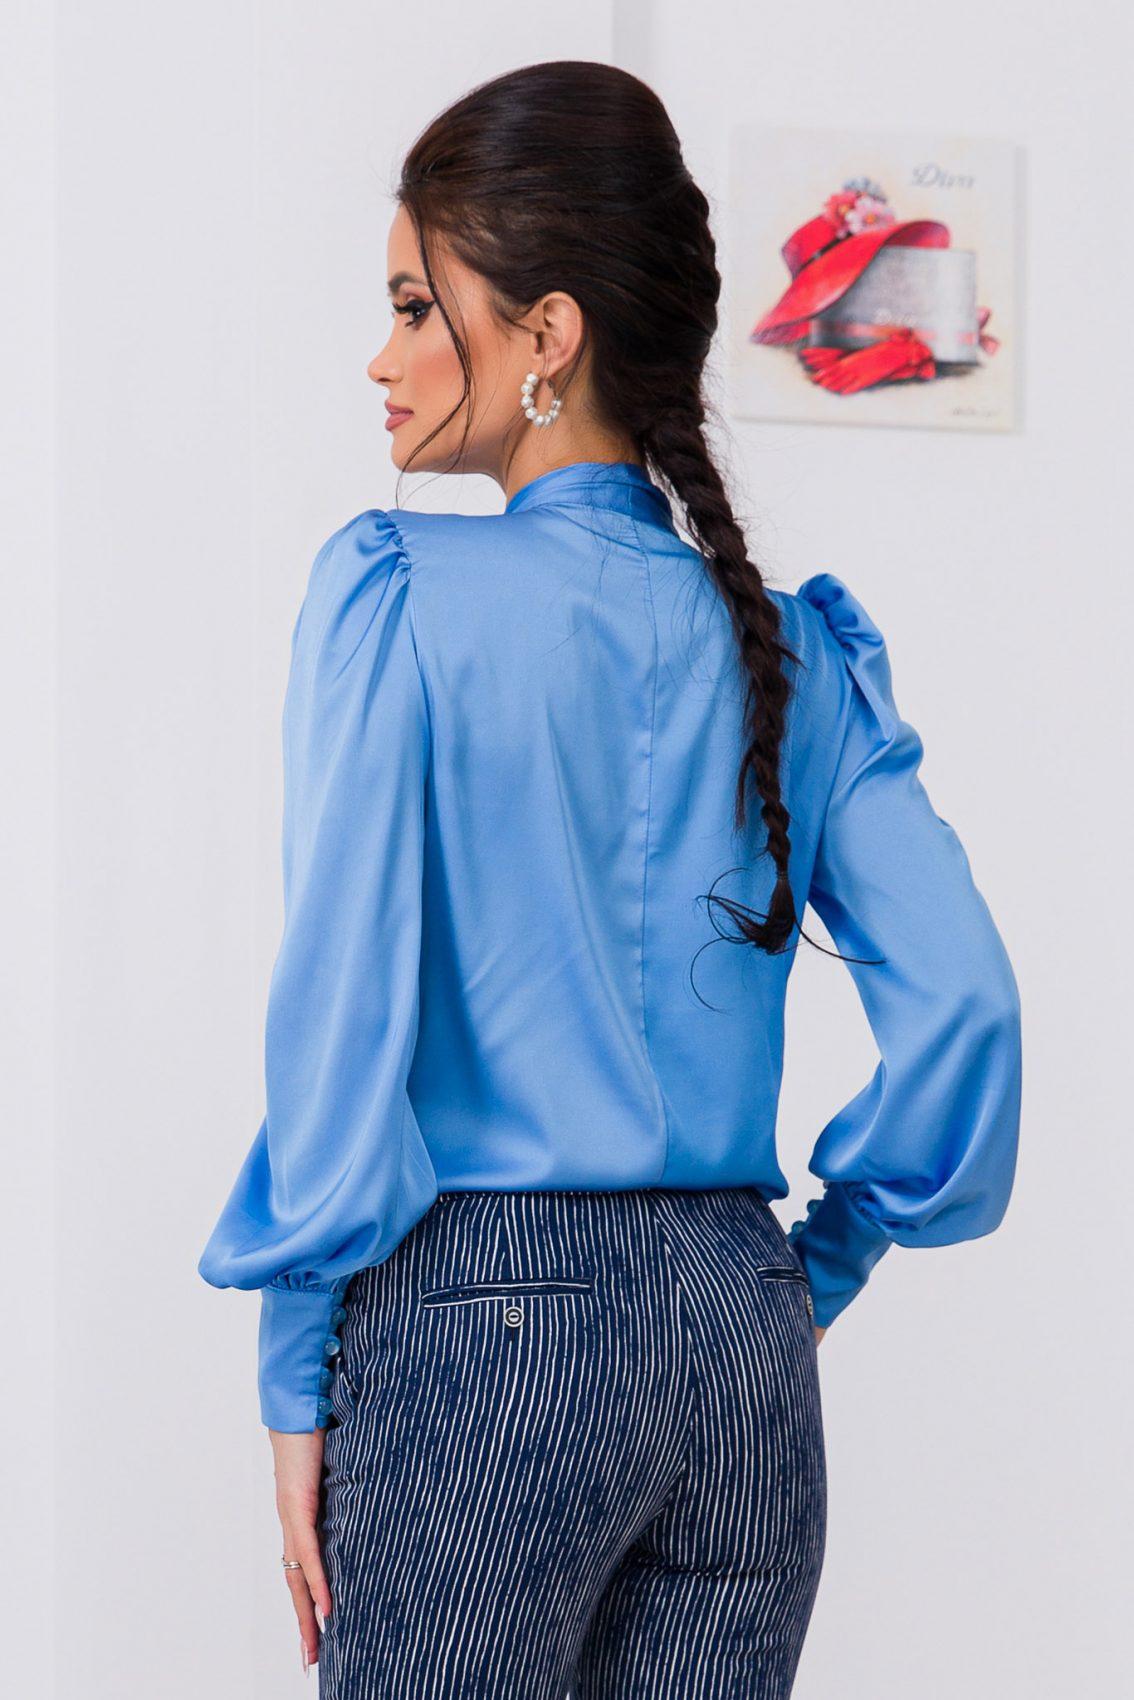 Μπλε Σατέν Μπλούζα Με Φιόγκο Angie 9696 3